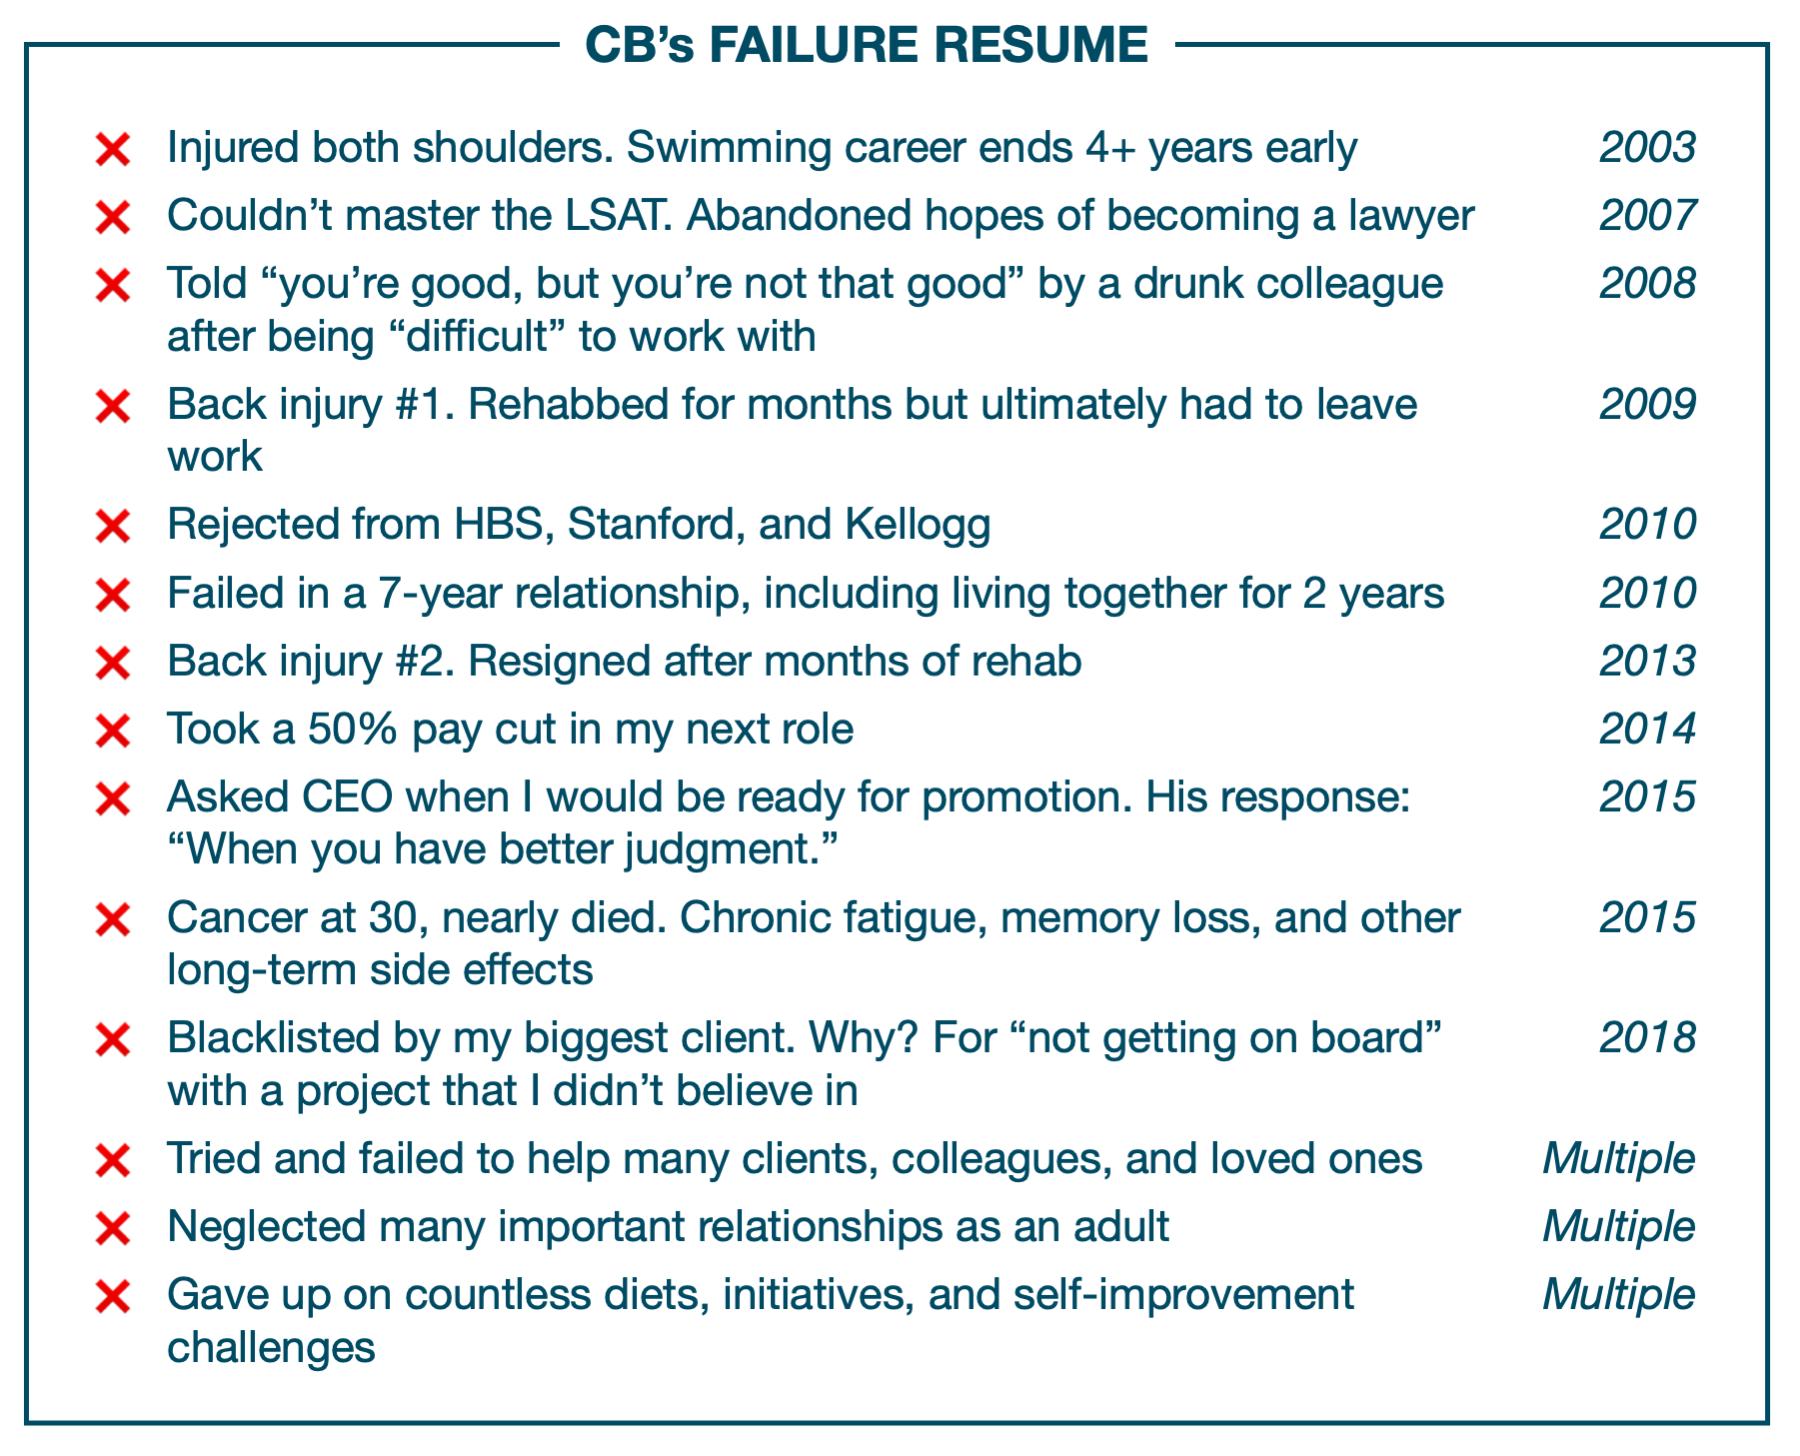 Bordoni & Company | Failure Resume